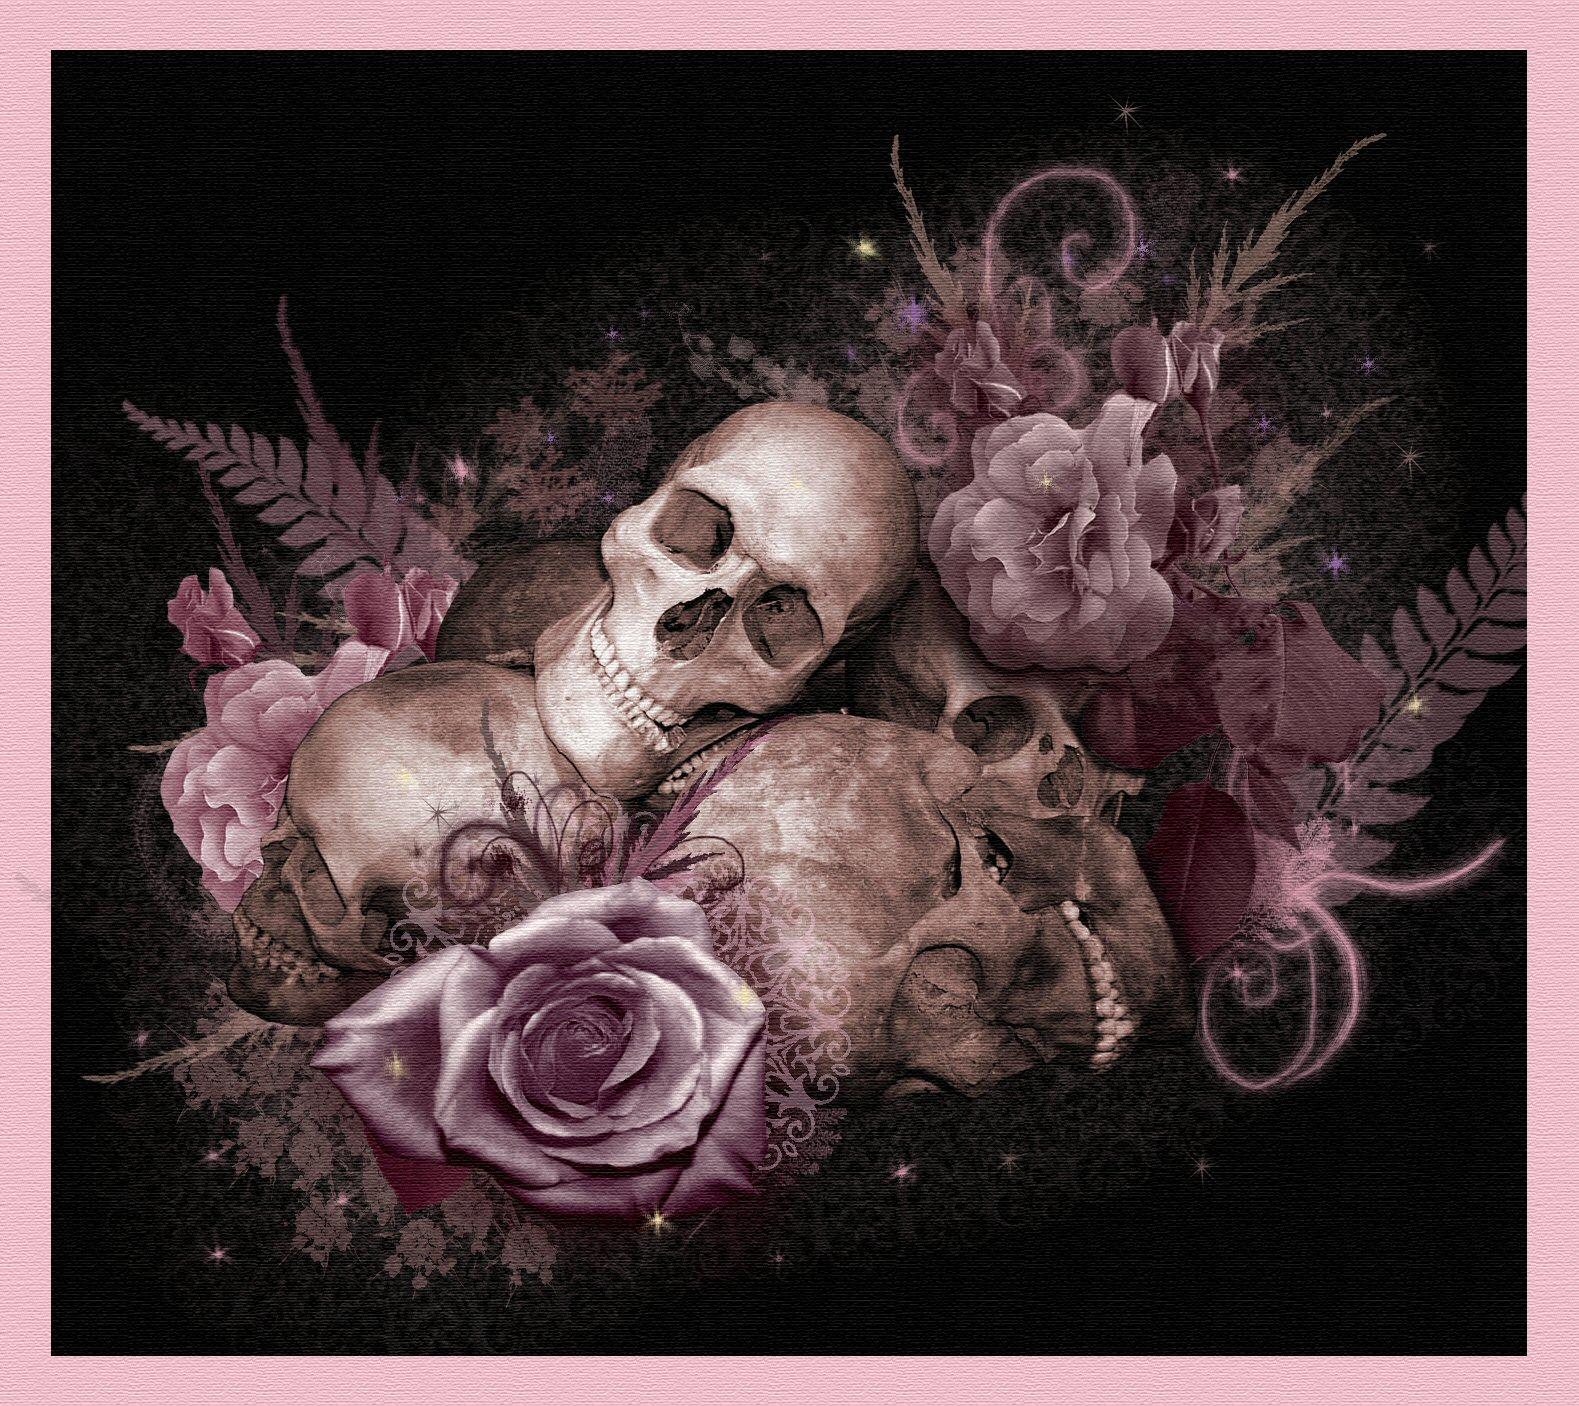 Skull Wallpaper For Bedroom Skulls And Roses By Serenitynme On Deviantart